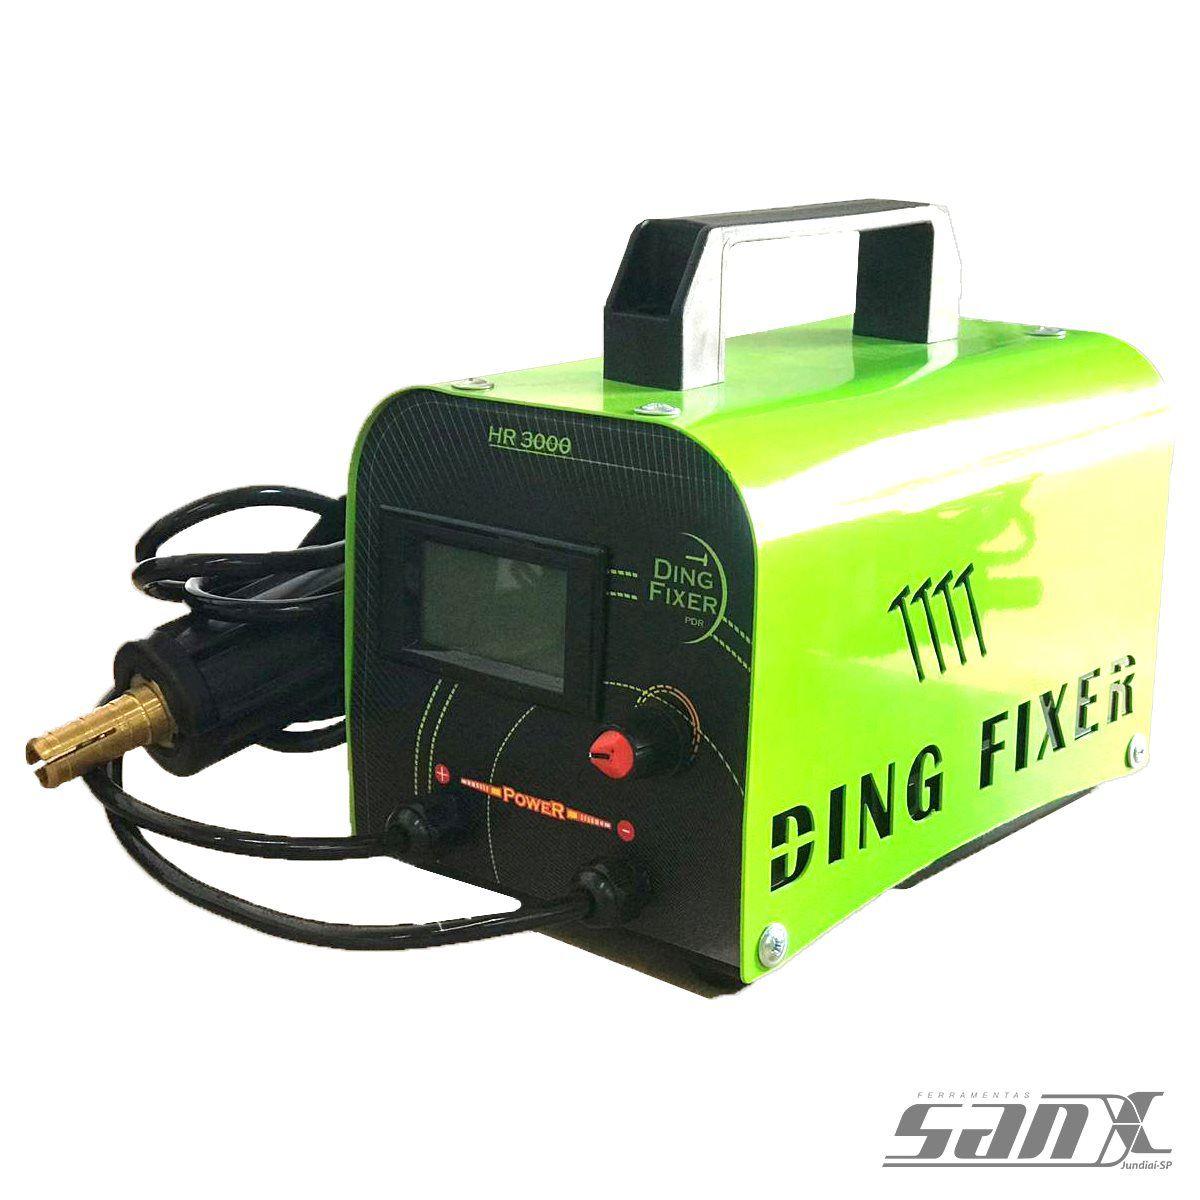 MAQUINA DE ENCOLHER CHAPA - DING FIXER HR-3000